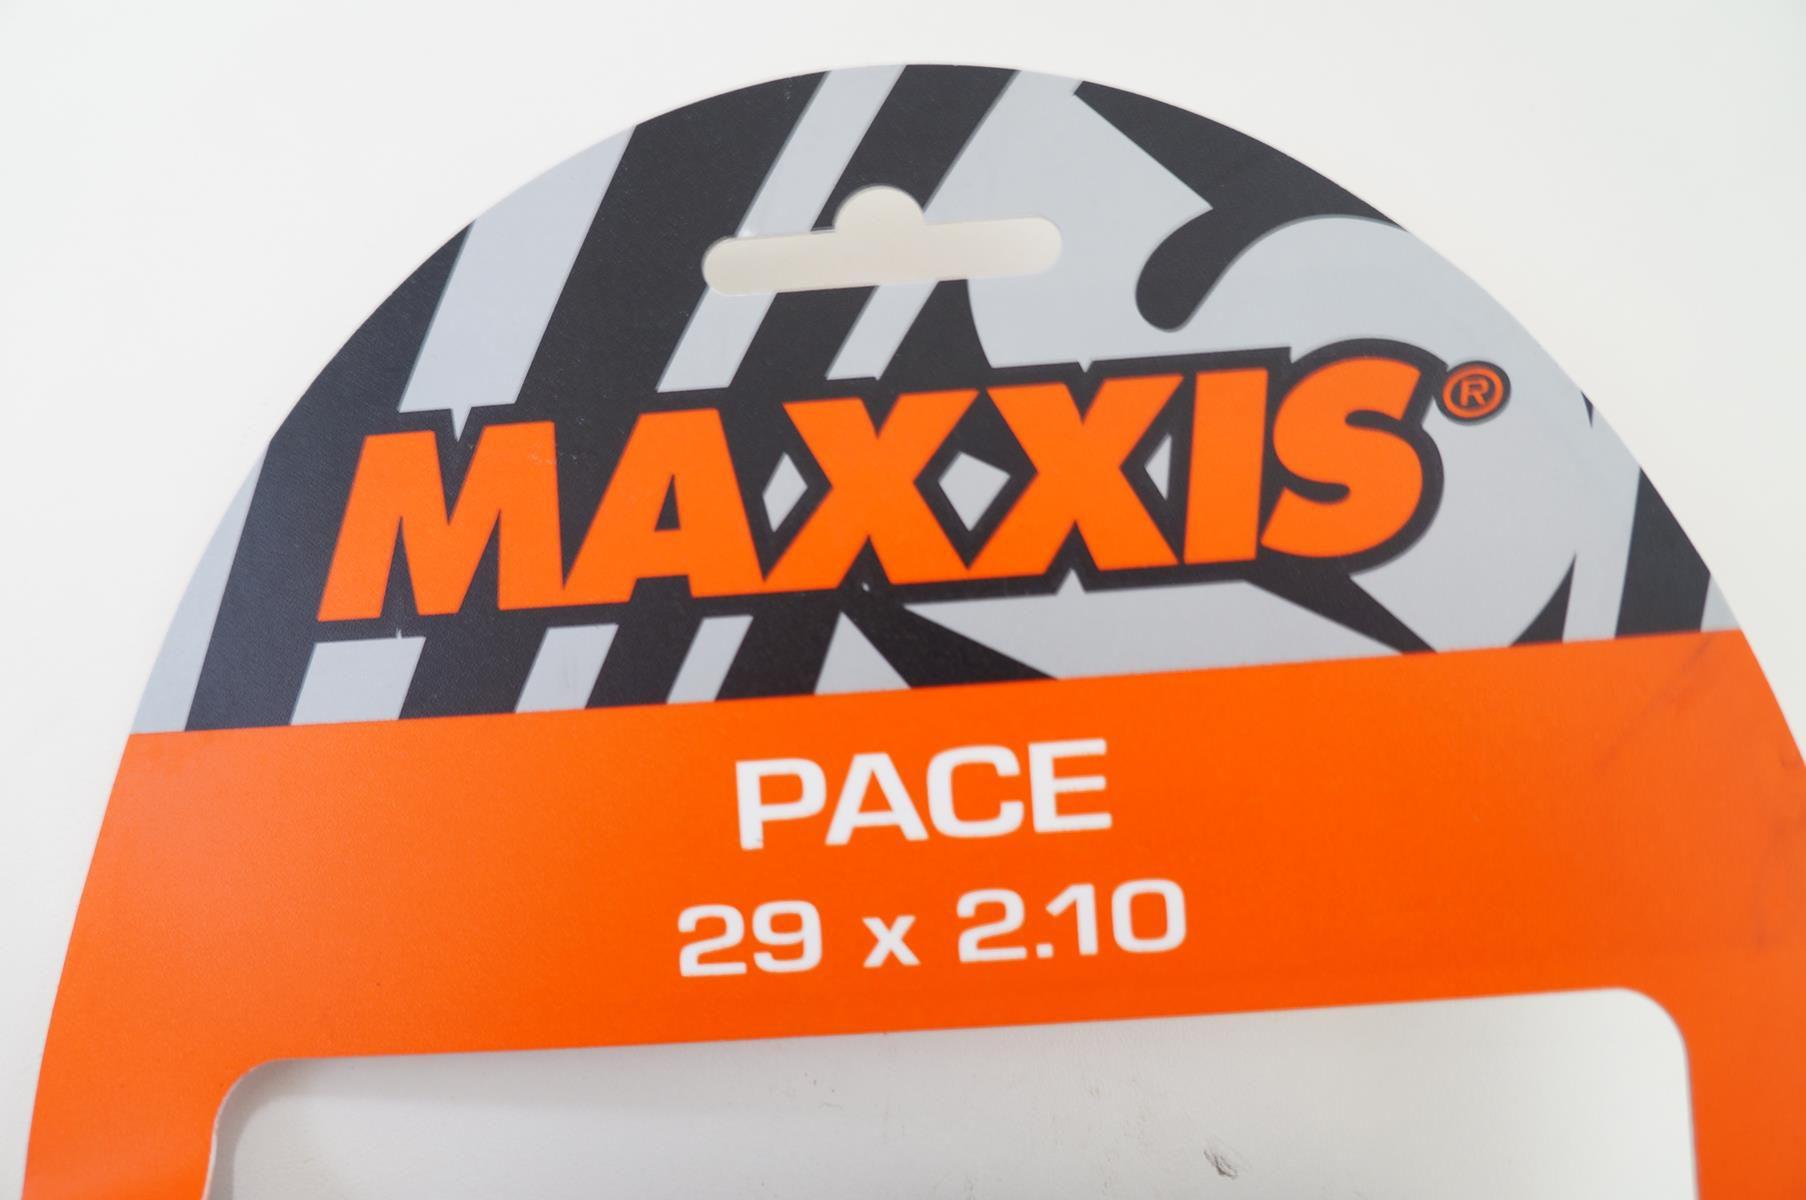 Pneu Para Mtb Maxxis Pace 29 2.10 Dobrável Em Kevlar Preto